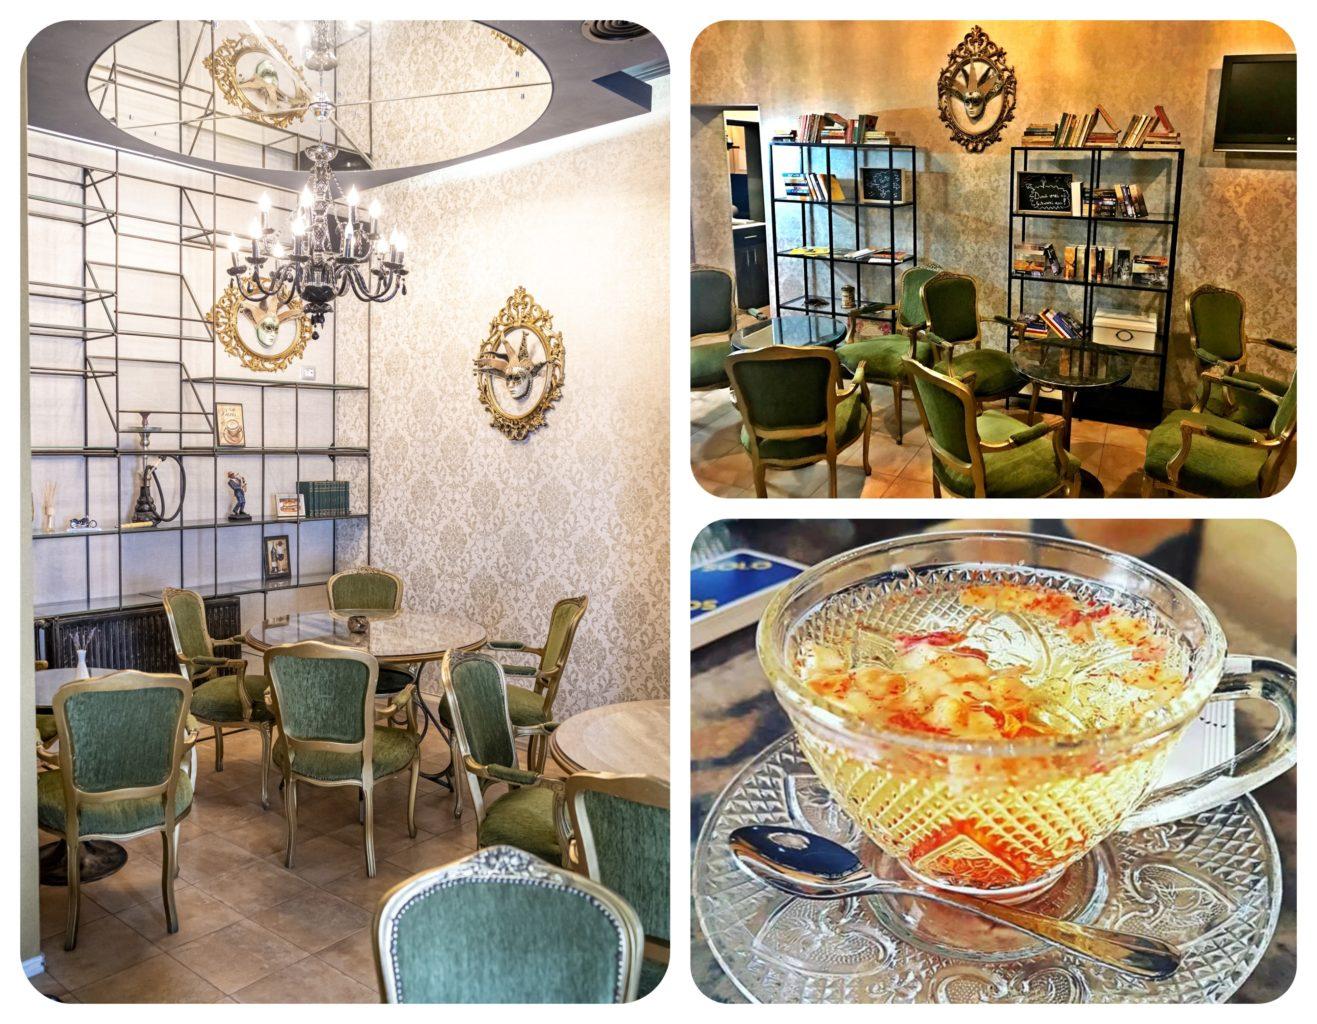 colaj de fotografii din localul Madame B, cu incaperi din restaurant, una cu mobilier elegant, turcoaz, tapet, rafturi metalice si un candelabru, alta cu o ceasca de ceai din plante. Este una din ceainării frumoase din București